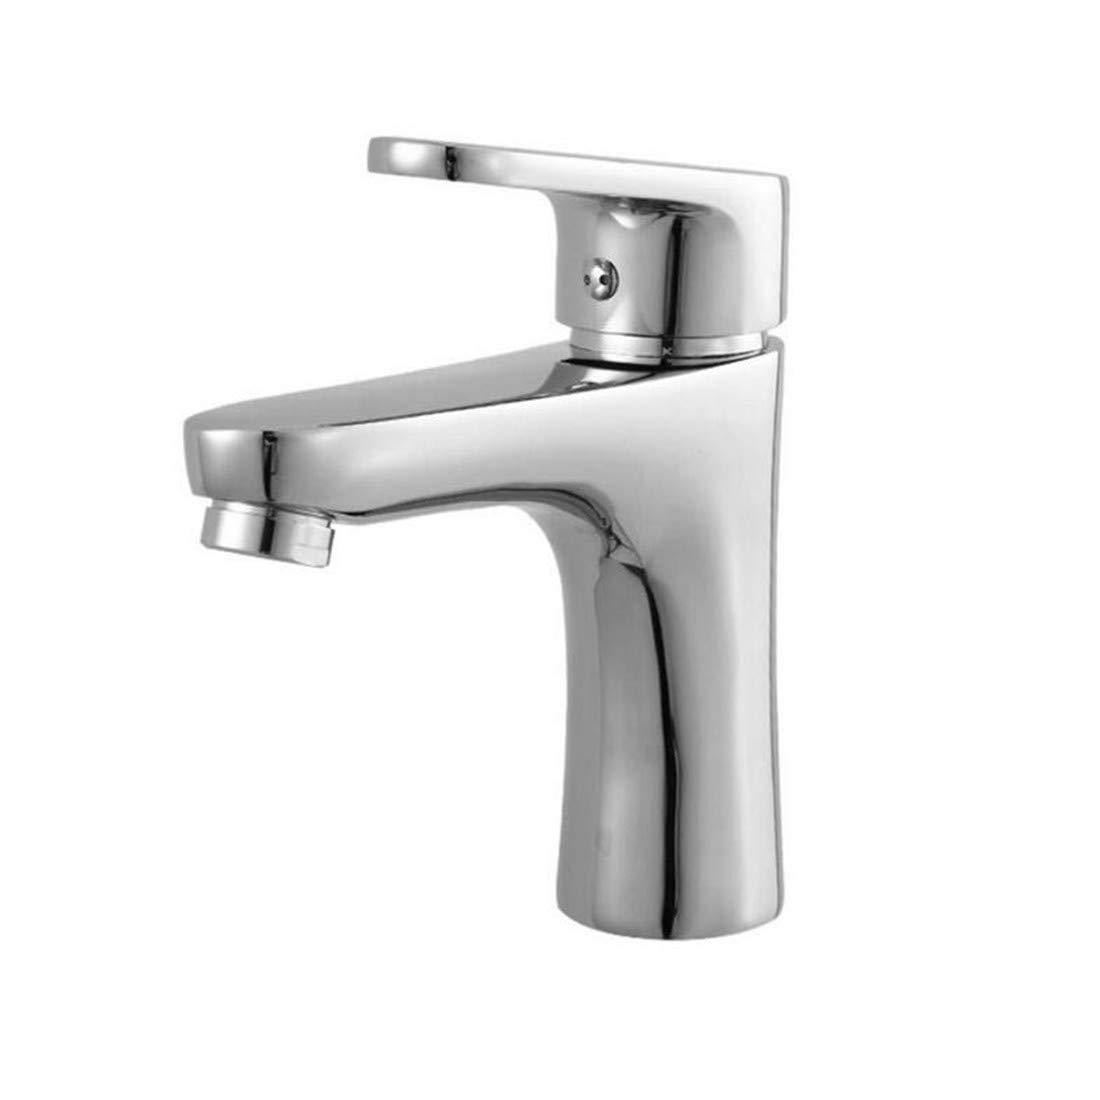 Kitchen Bath Basin Sink Bathroom Taps Kitchen Sink Taps Bathroom Taps Single Hole Basin Hot and Cold Water Faucet Ctzl0824